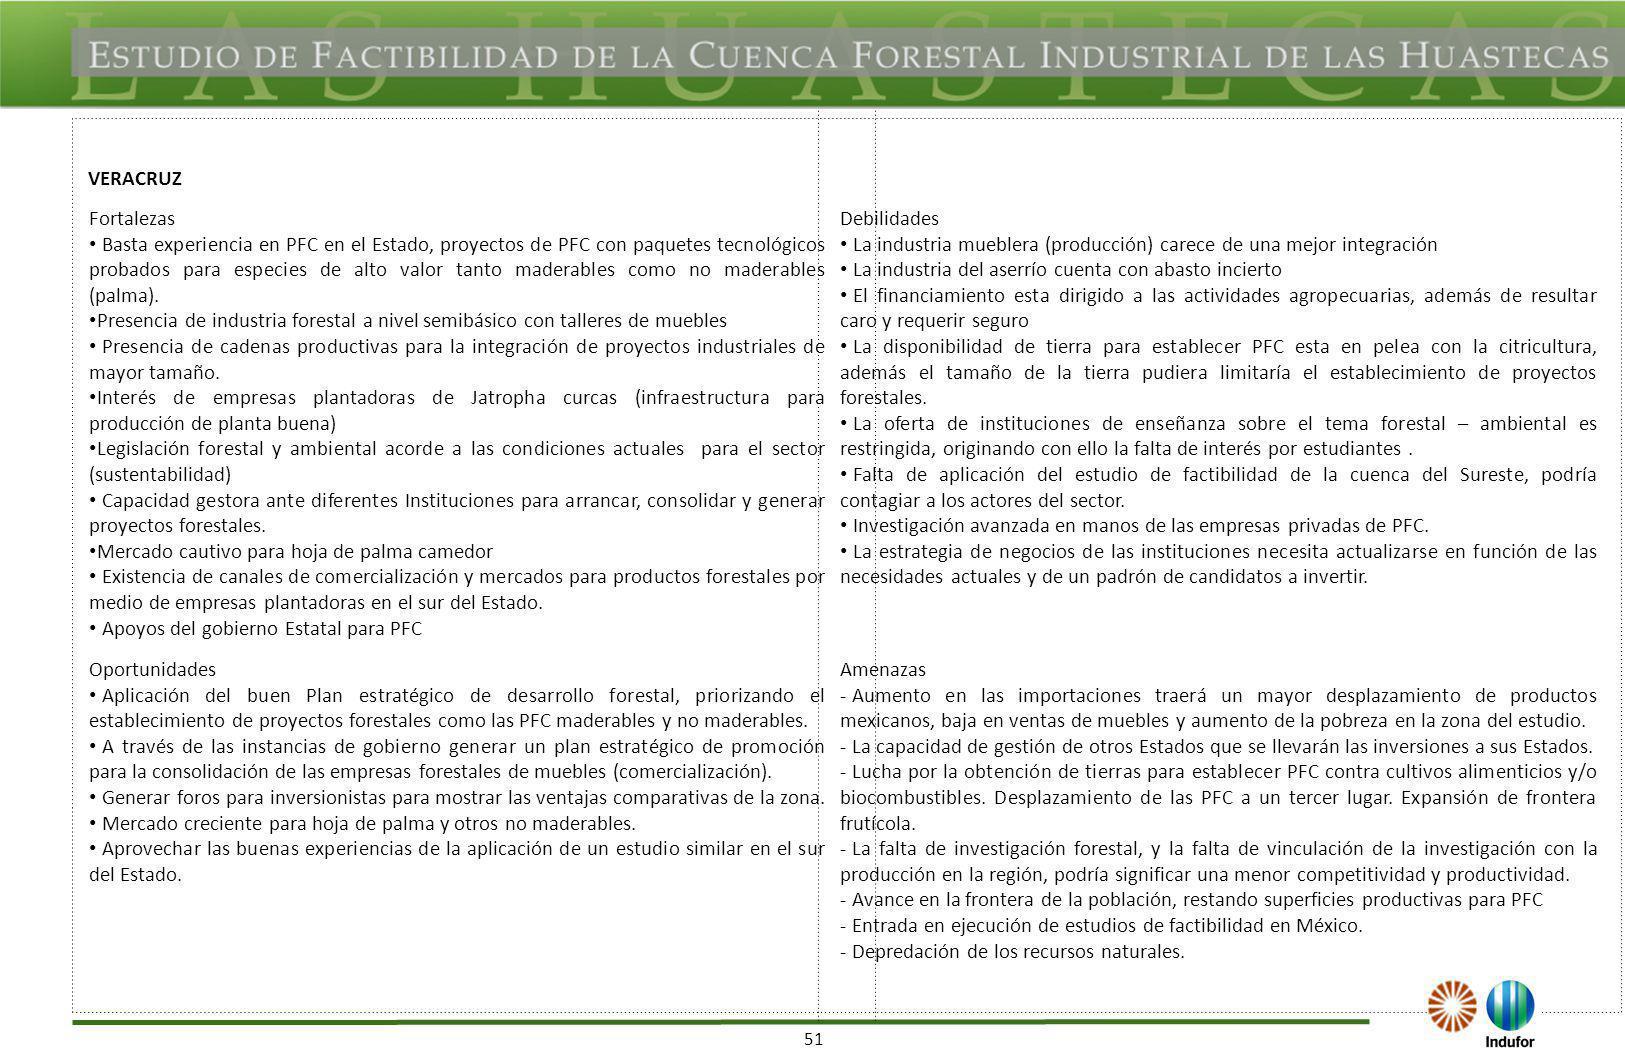 Análisis FODA de los aspectos de Ambientales y Socioeconomicos